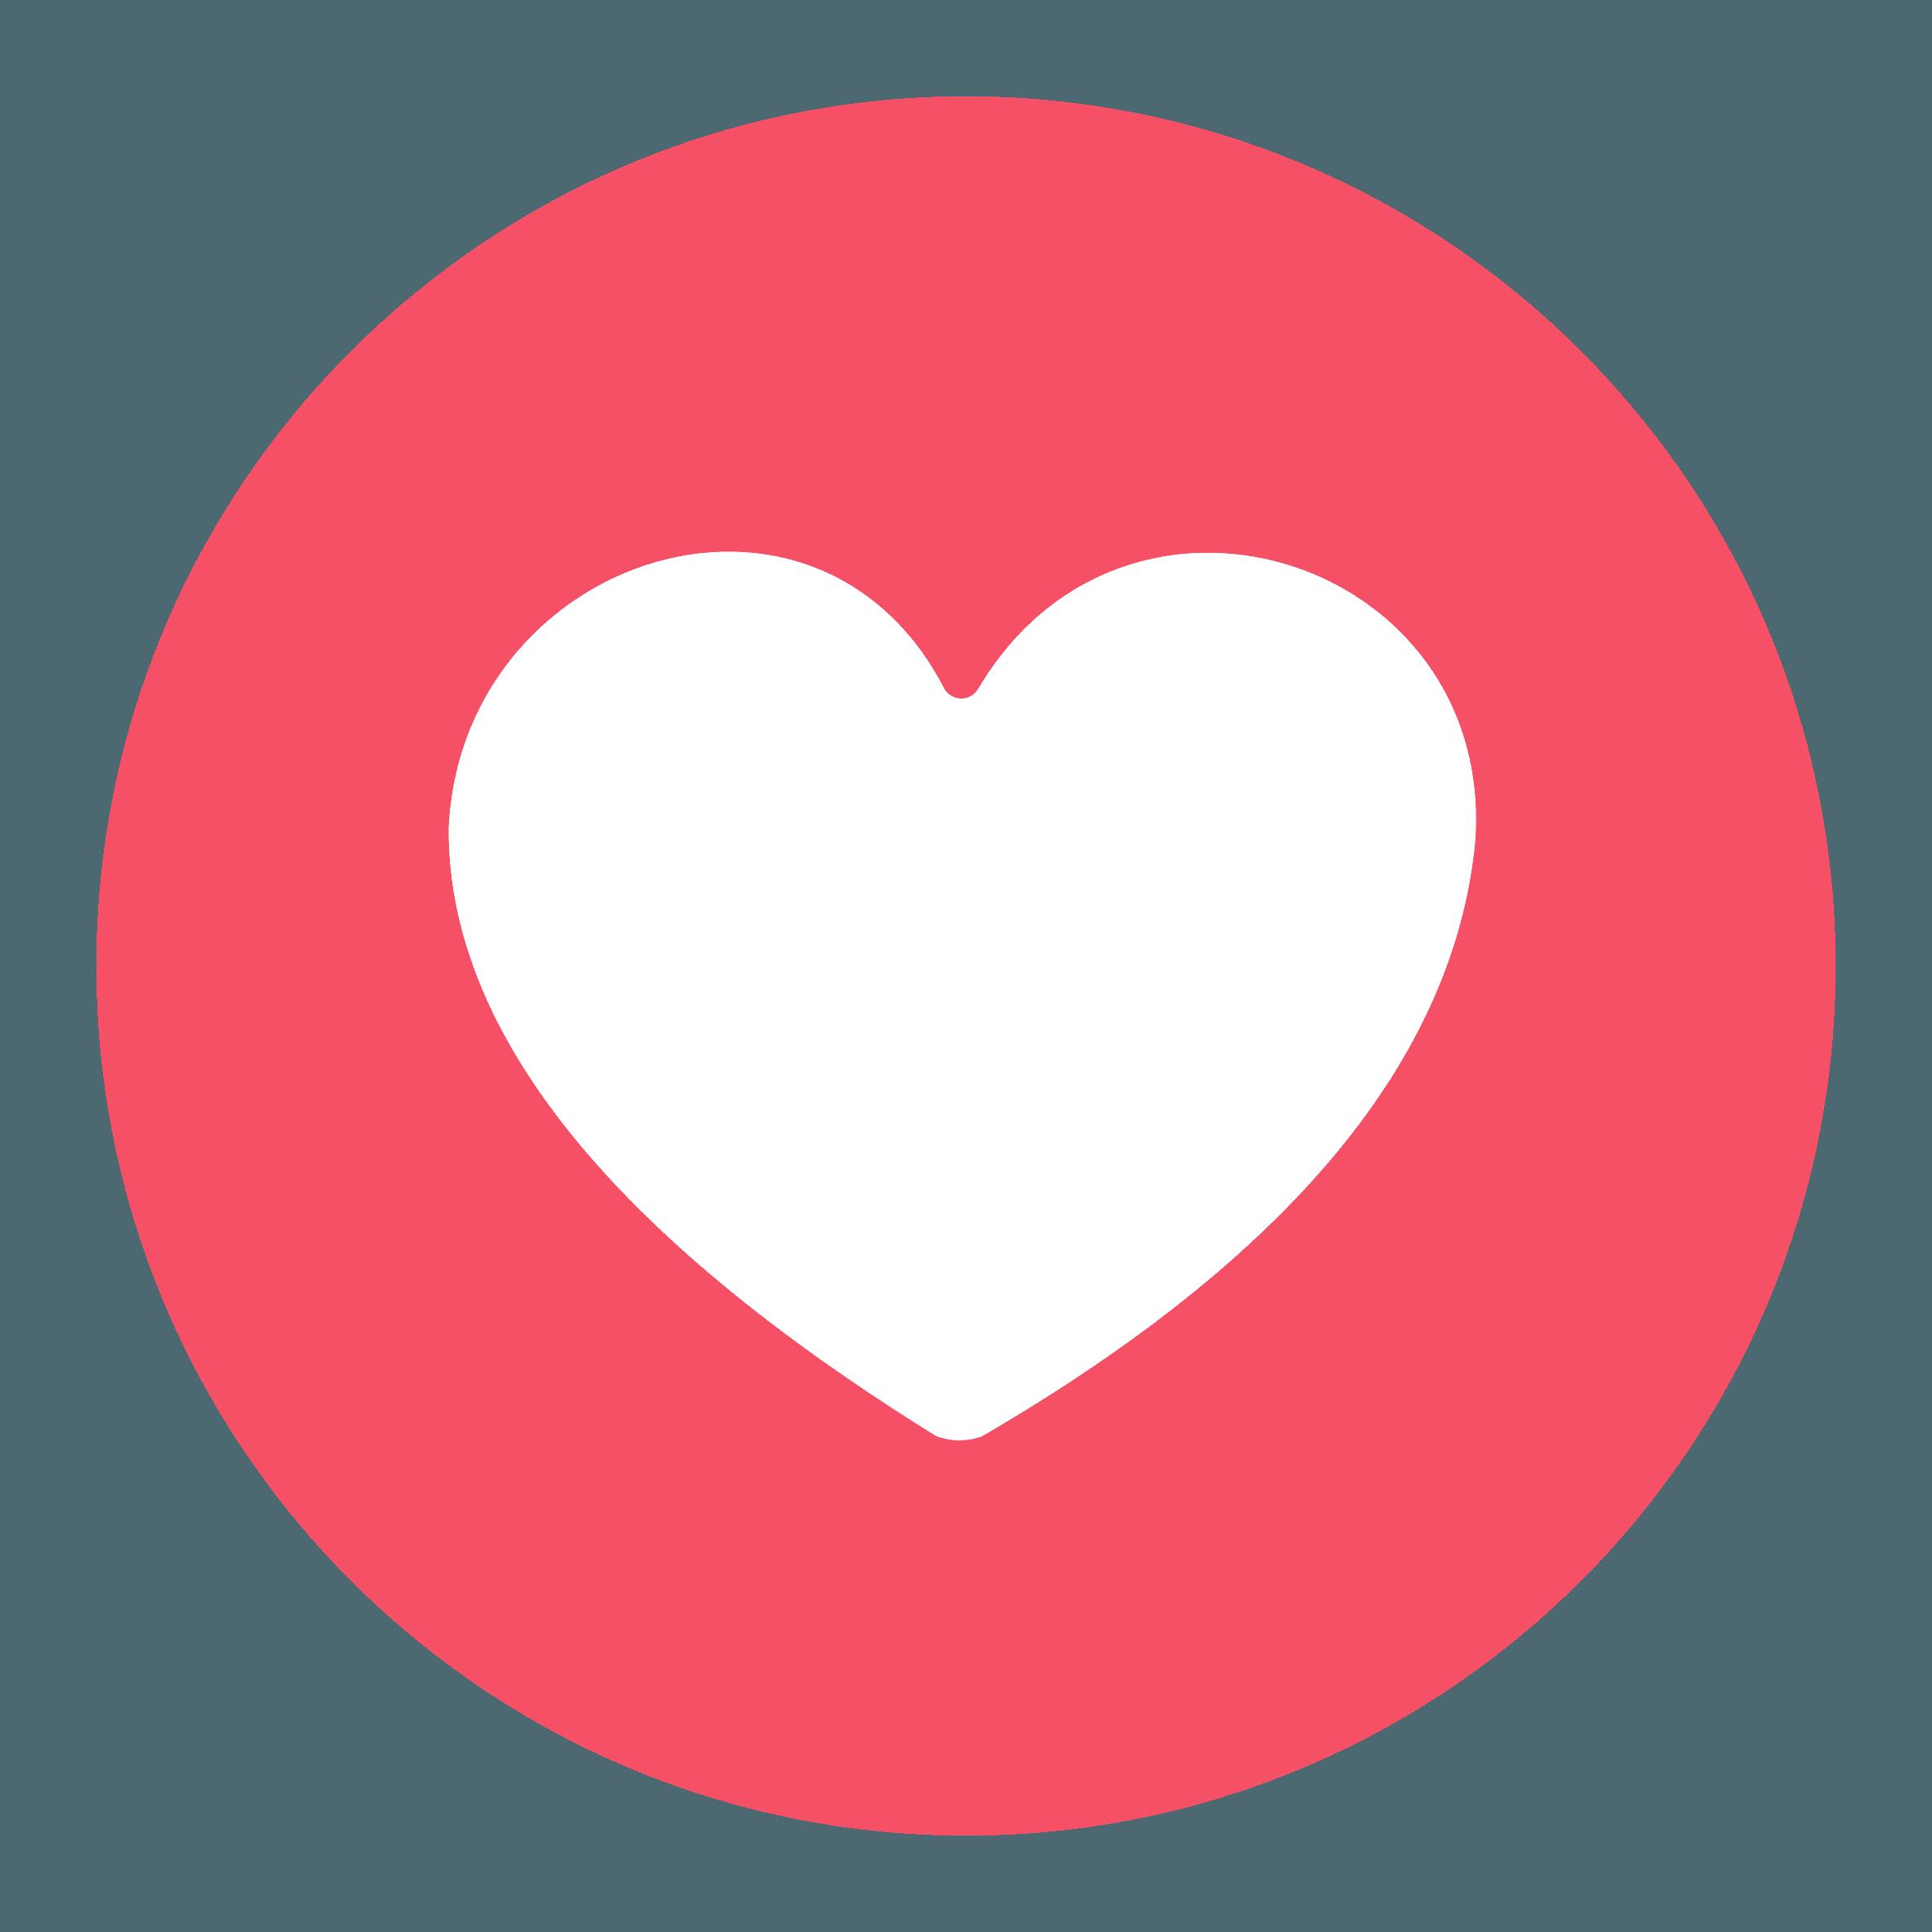 Circle heart love png facebook circle heart love png biocorpaavc Choice Image